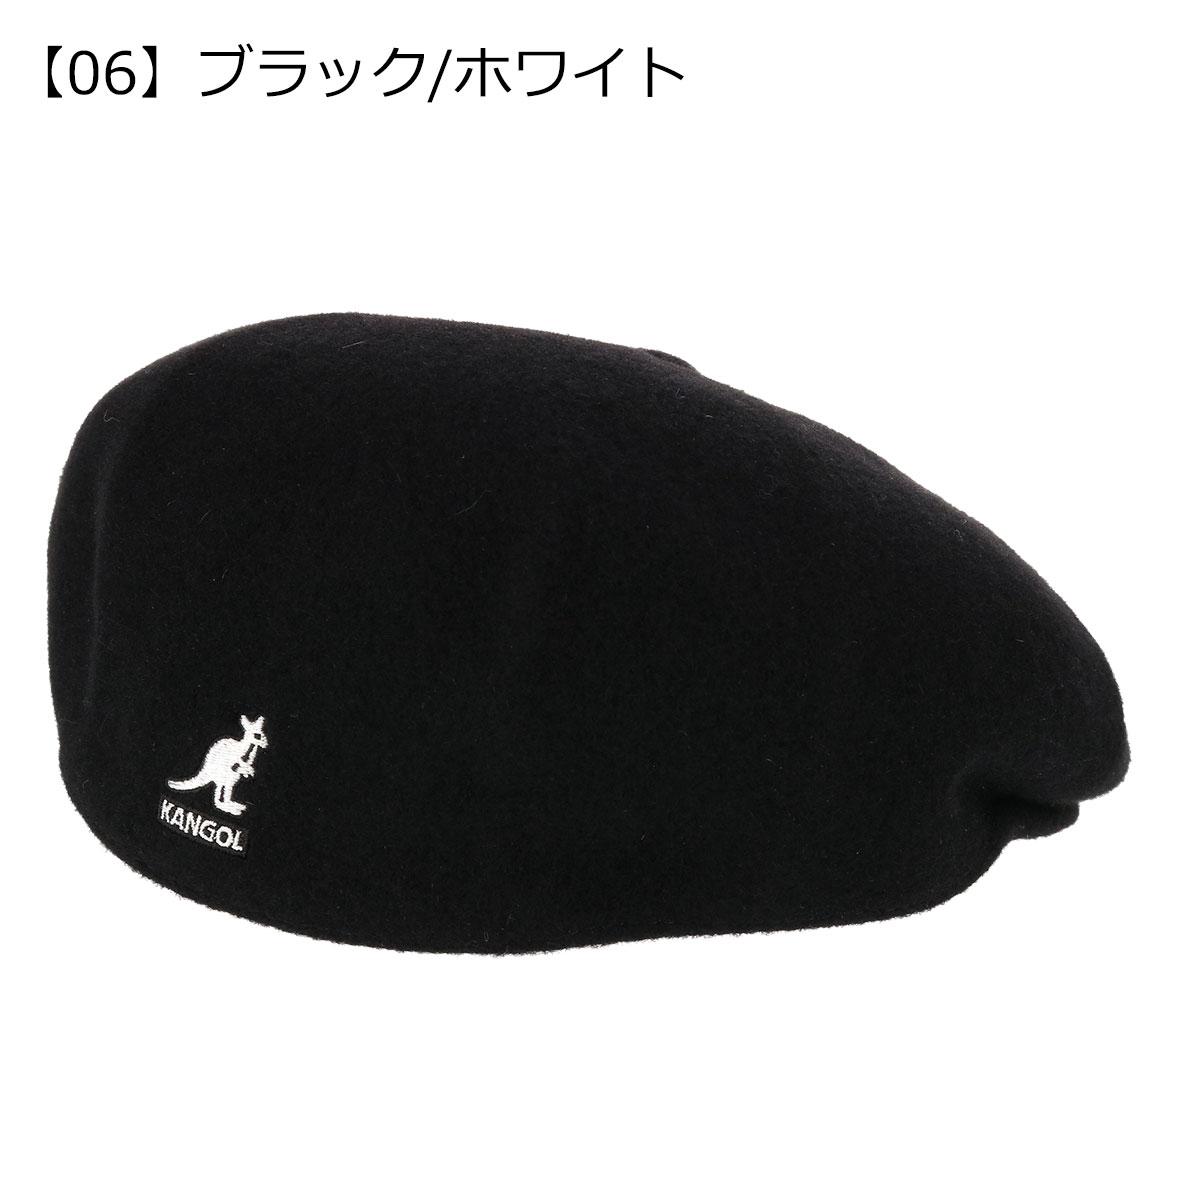 【06】ブラック/ホワイト